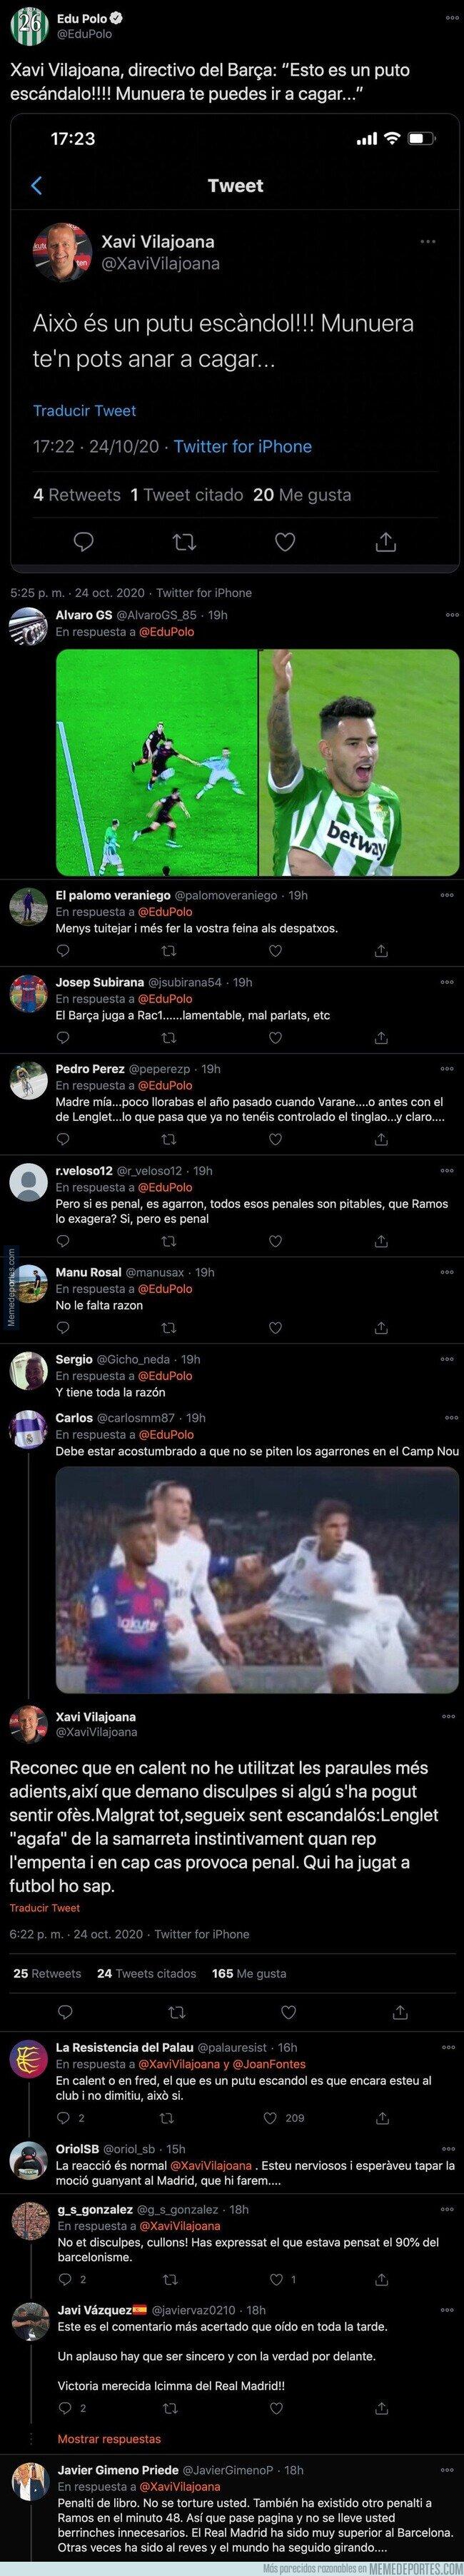 1118892 - Gran escándalo por este tuit de un directivo del Barça tras el polémico penalti a Ramos en el Camp Nou que ha tenido que borrar